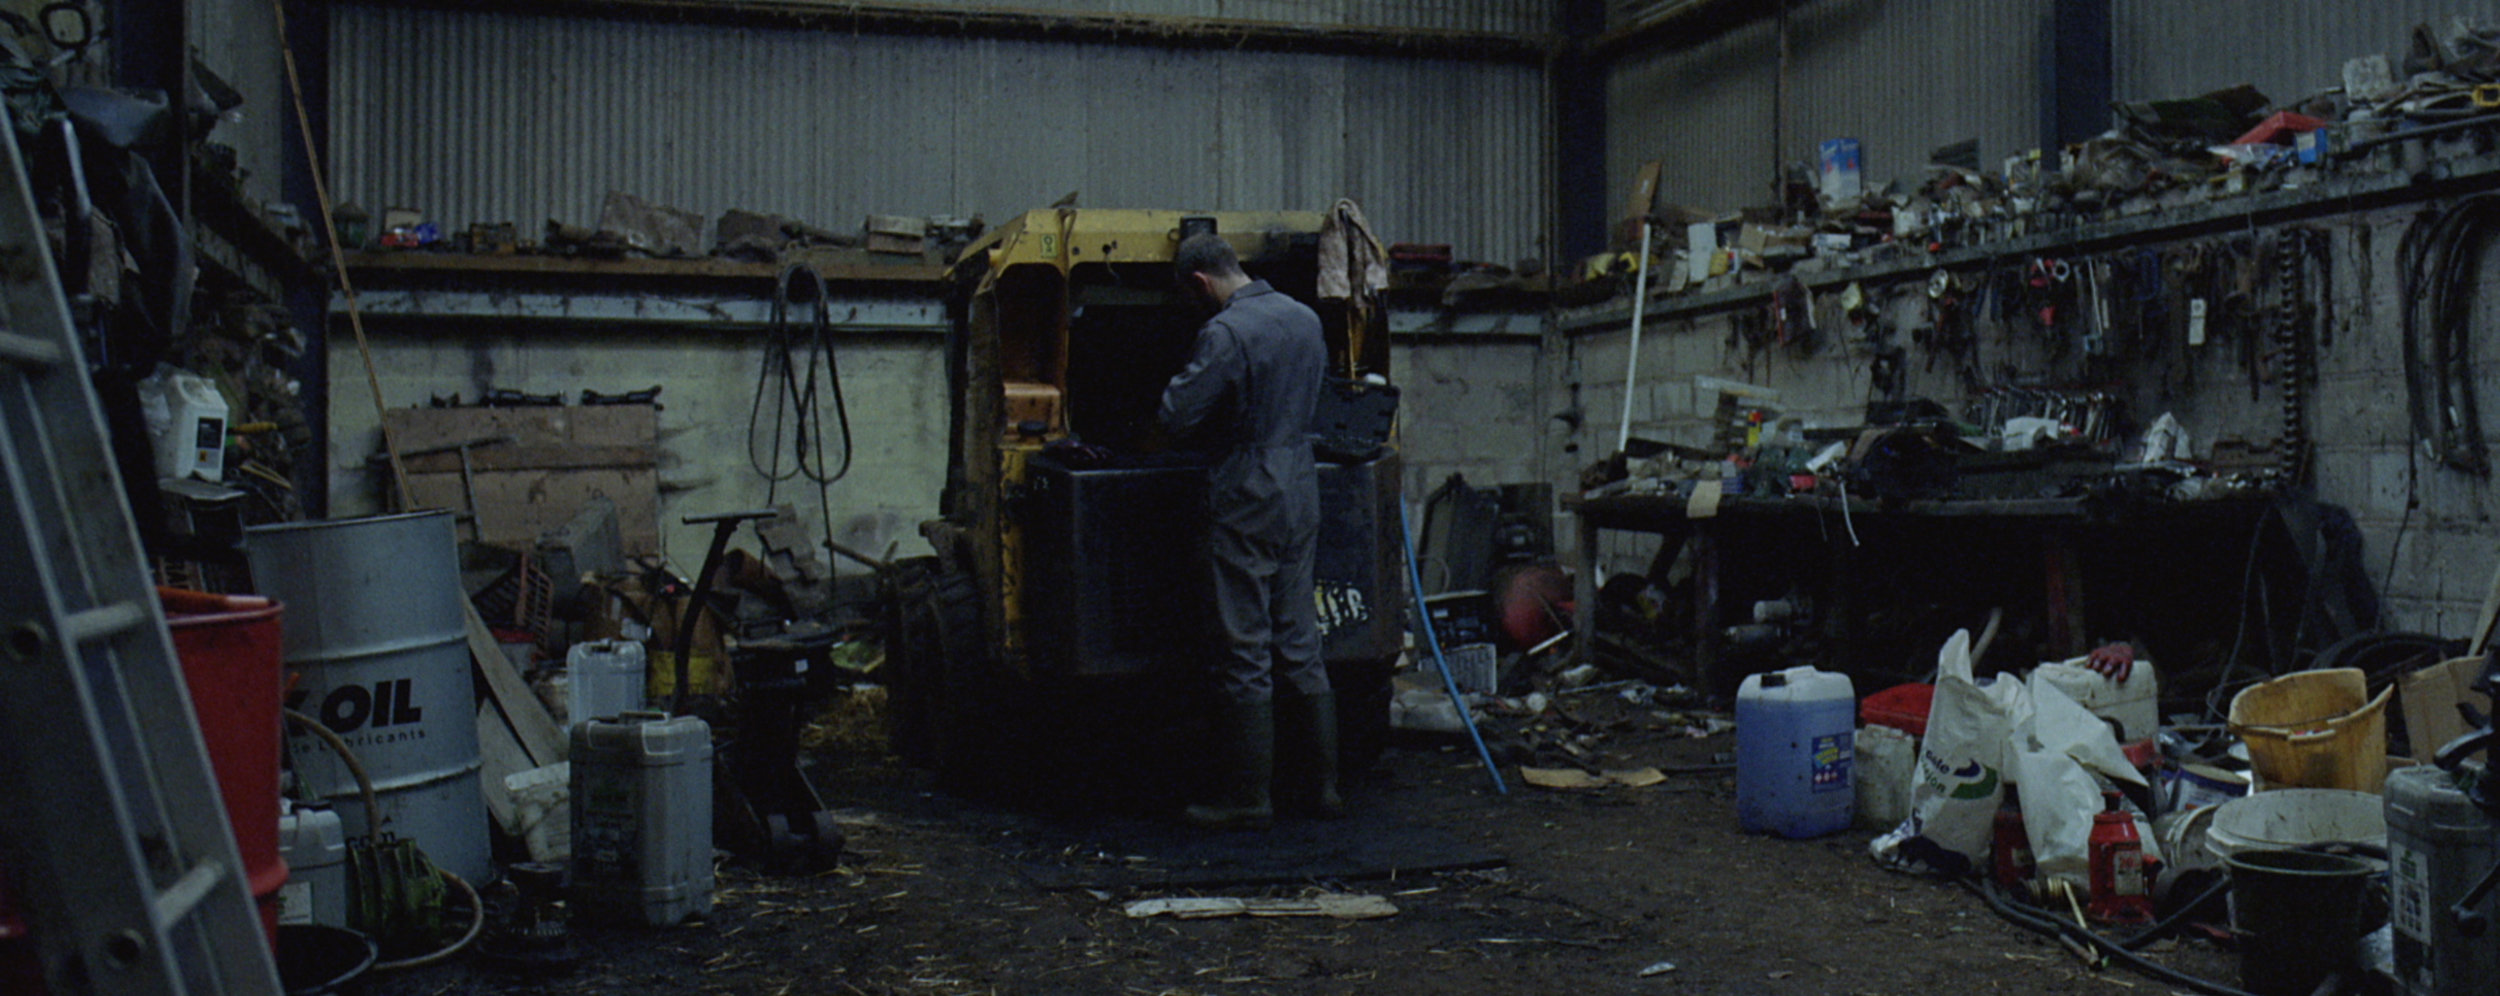 Film still from  Landline